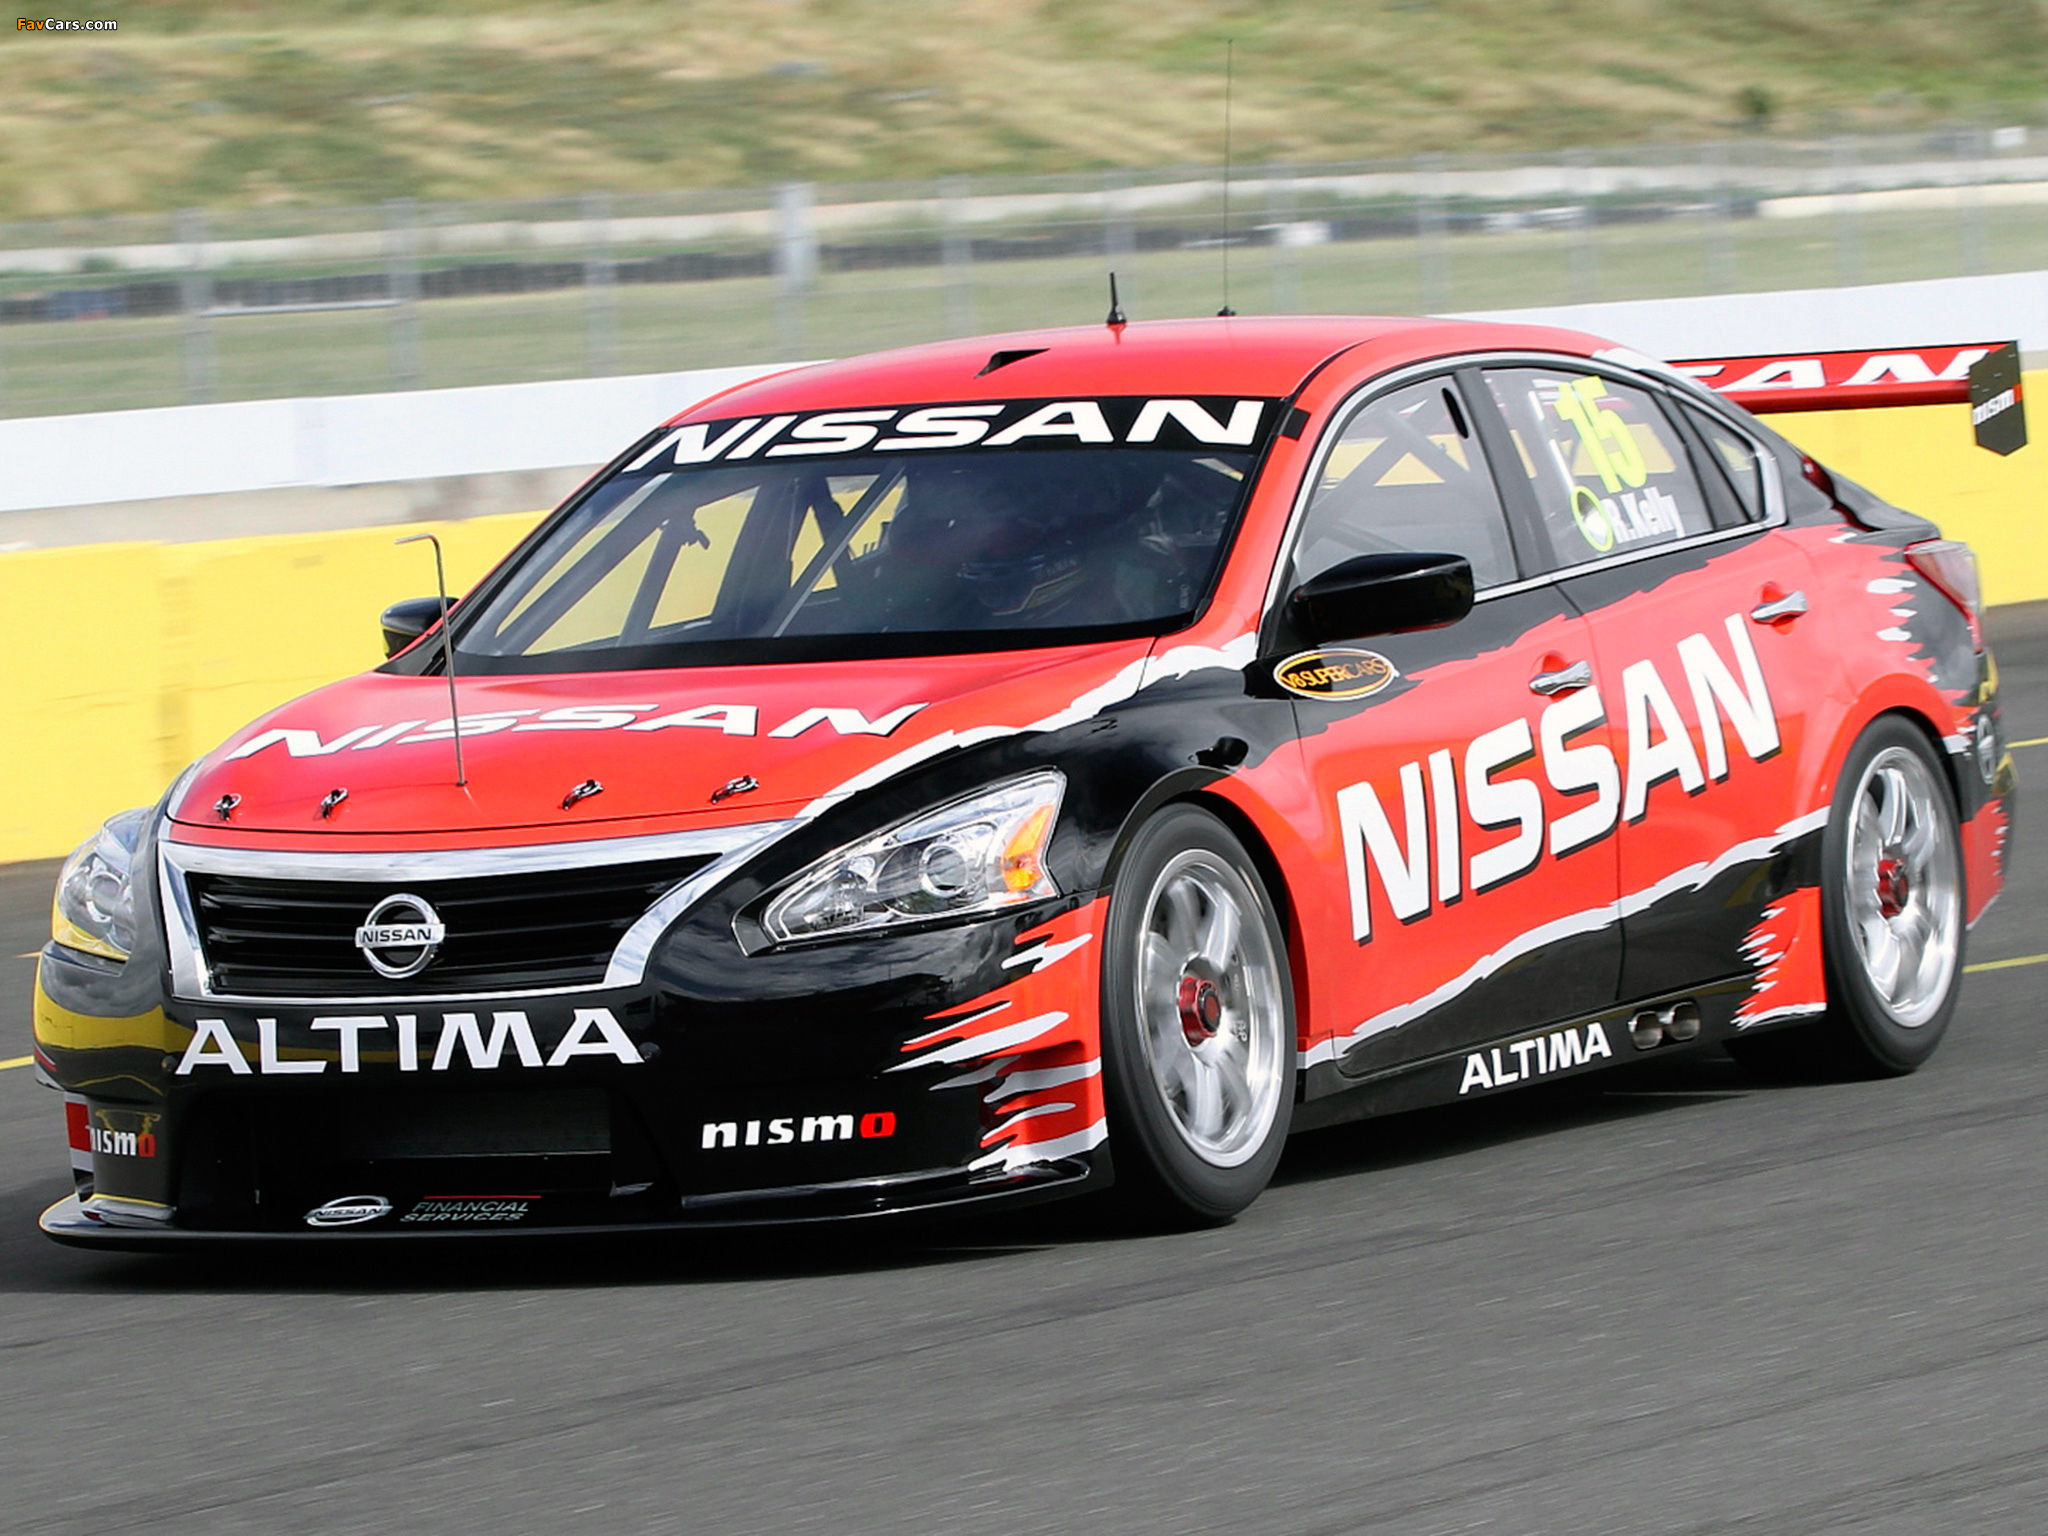 Nissan altima v8 supercar l33 2012 wallpapers 2048x1536 - 2048 supercars ...